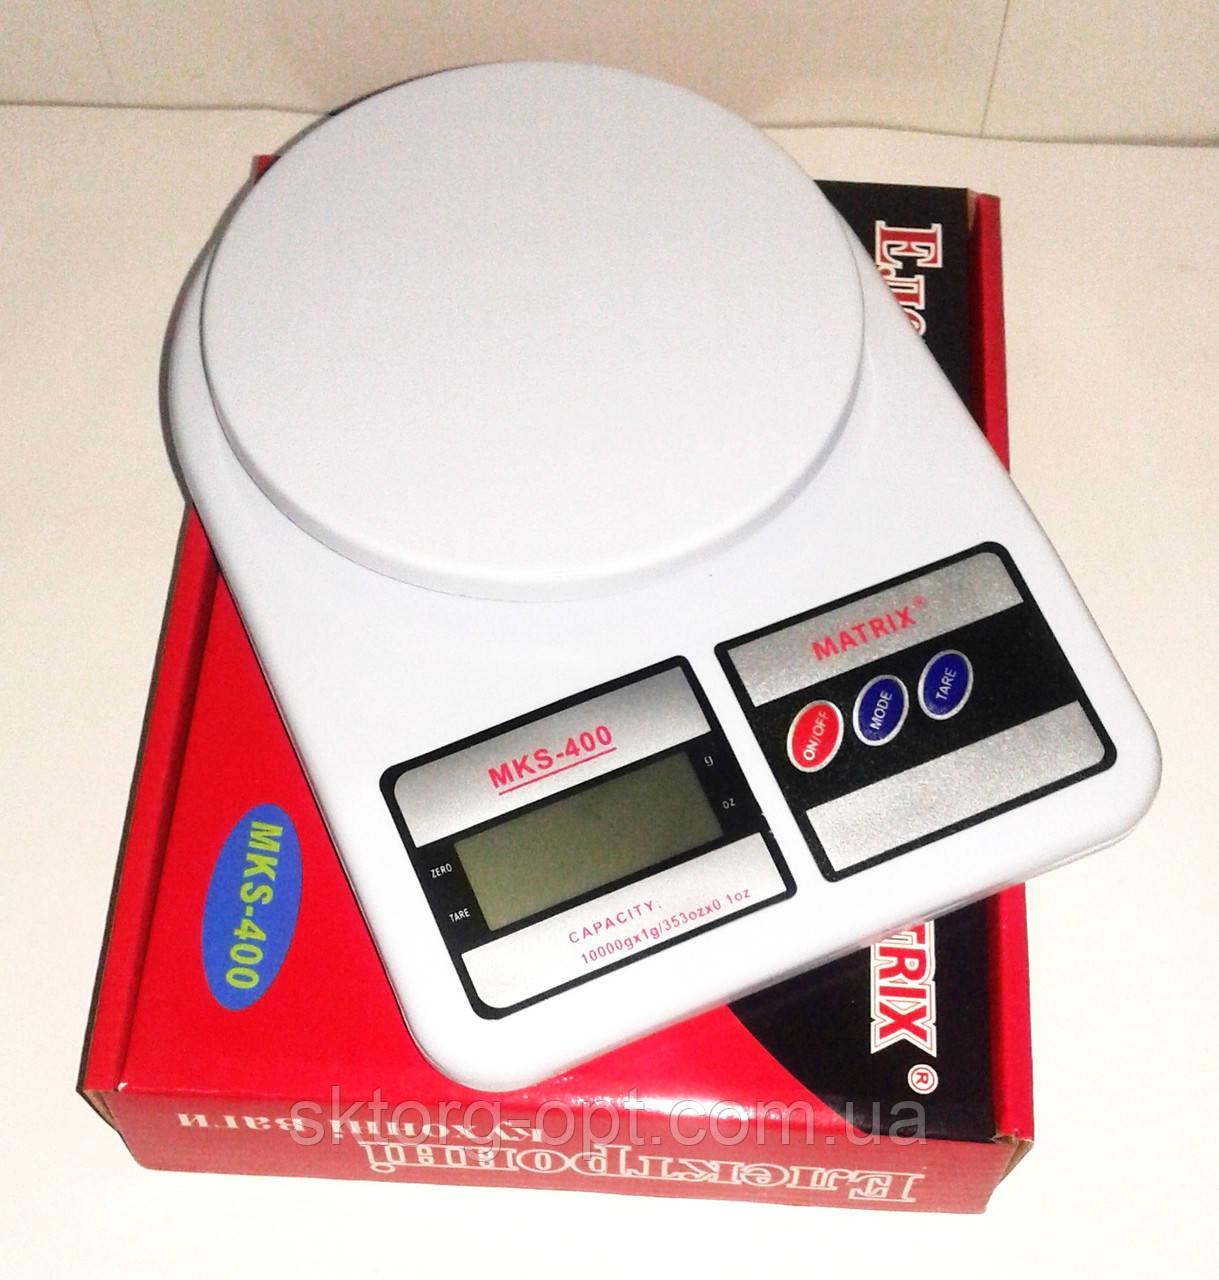 Весы кухонные MKS-400 10КГ. Matrix